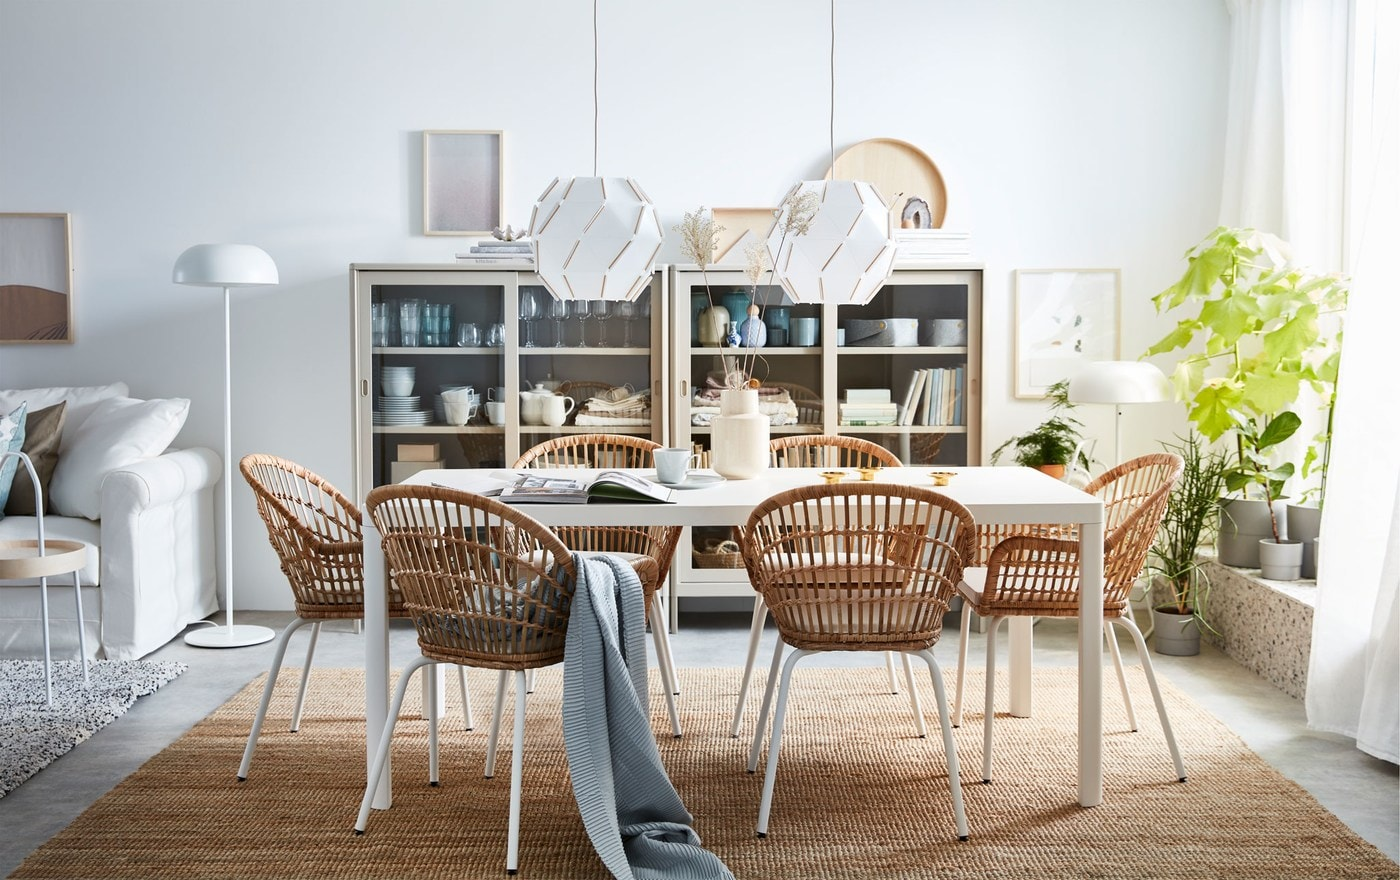 ستة كراسي روطان منسوجة بمساند للذراعين NILSOVE من ايكيا حول طاولة طعام في مساحة جلوس مفتوحة.